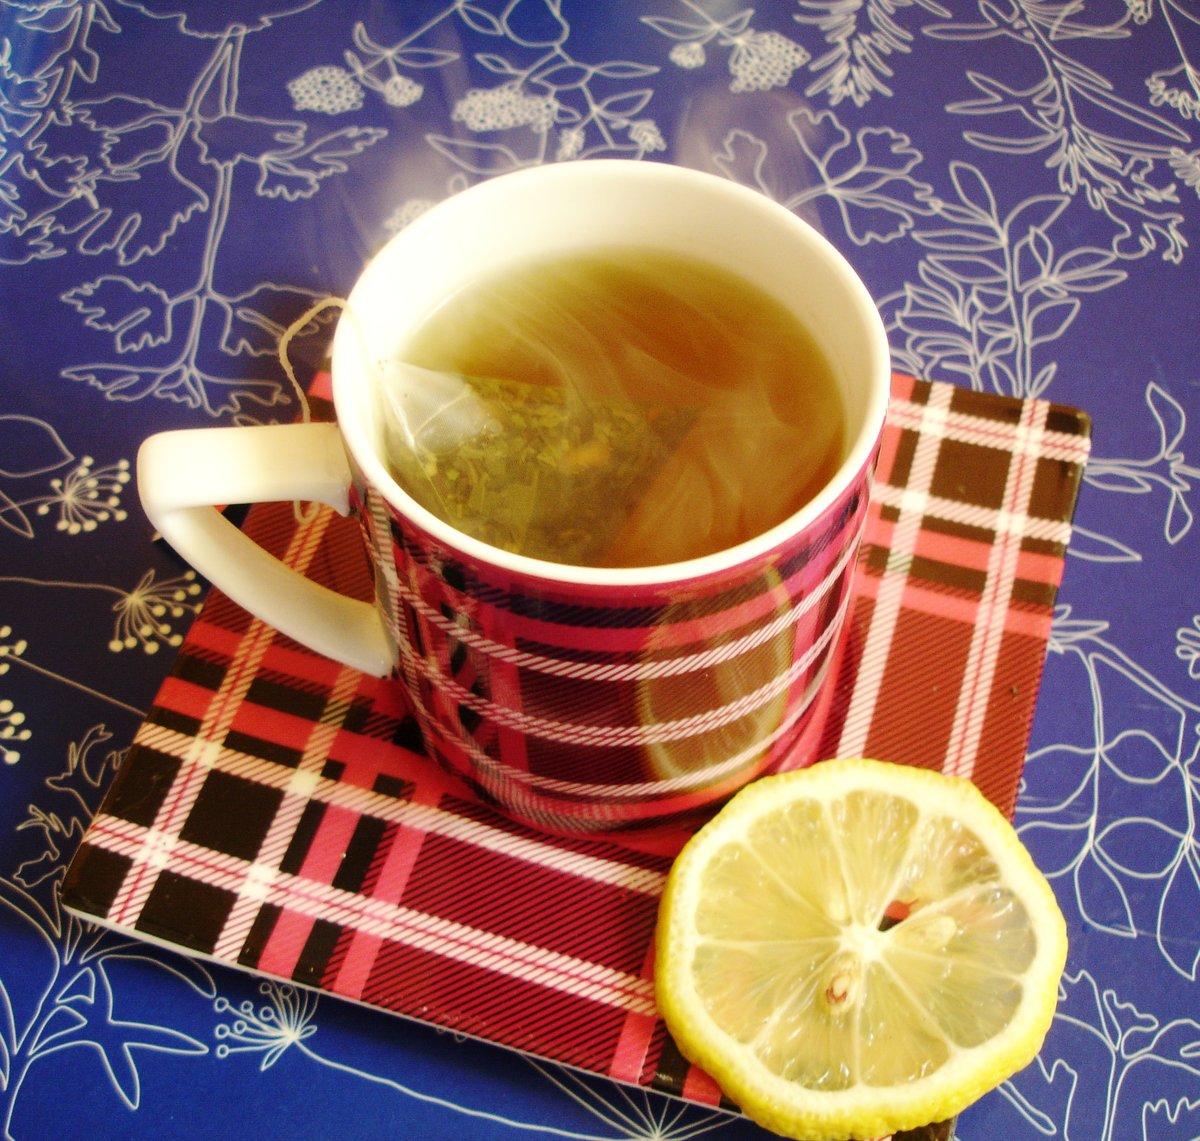 Чай с лимоном очень красивые фото